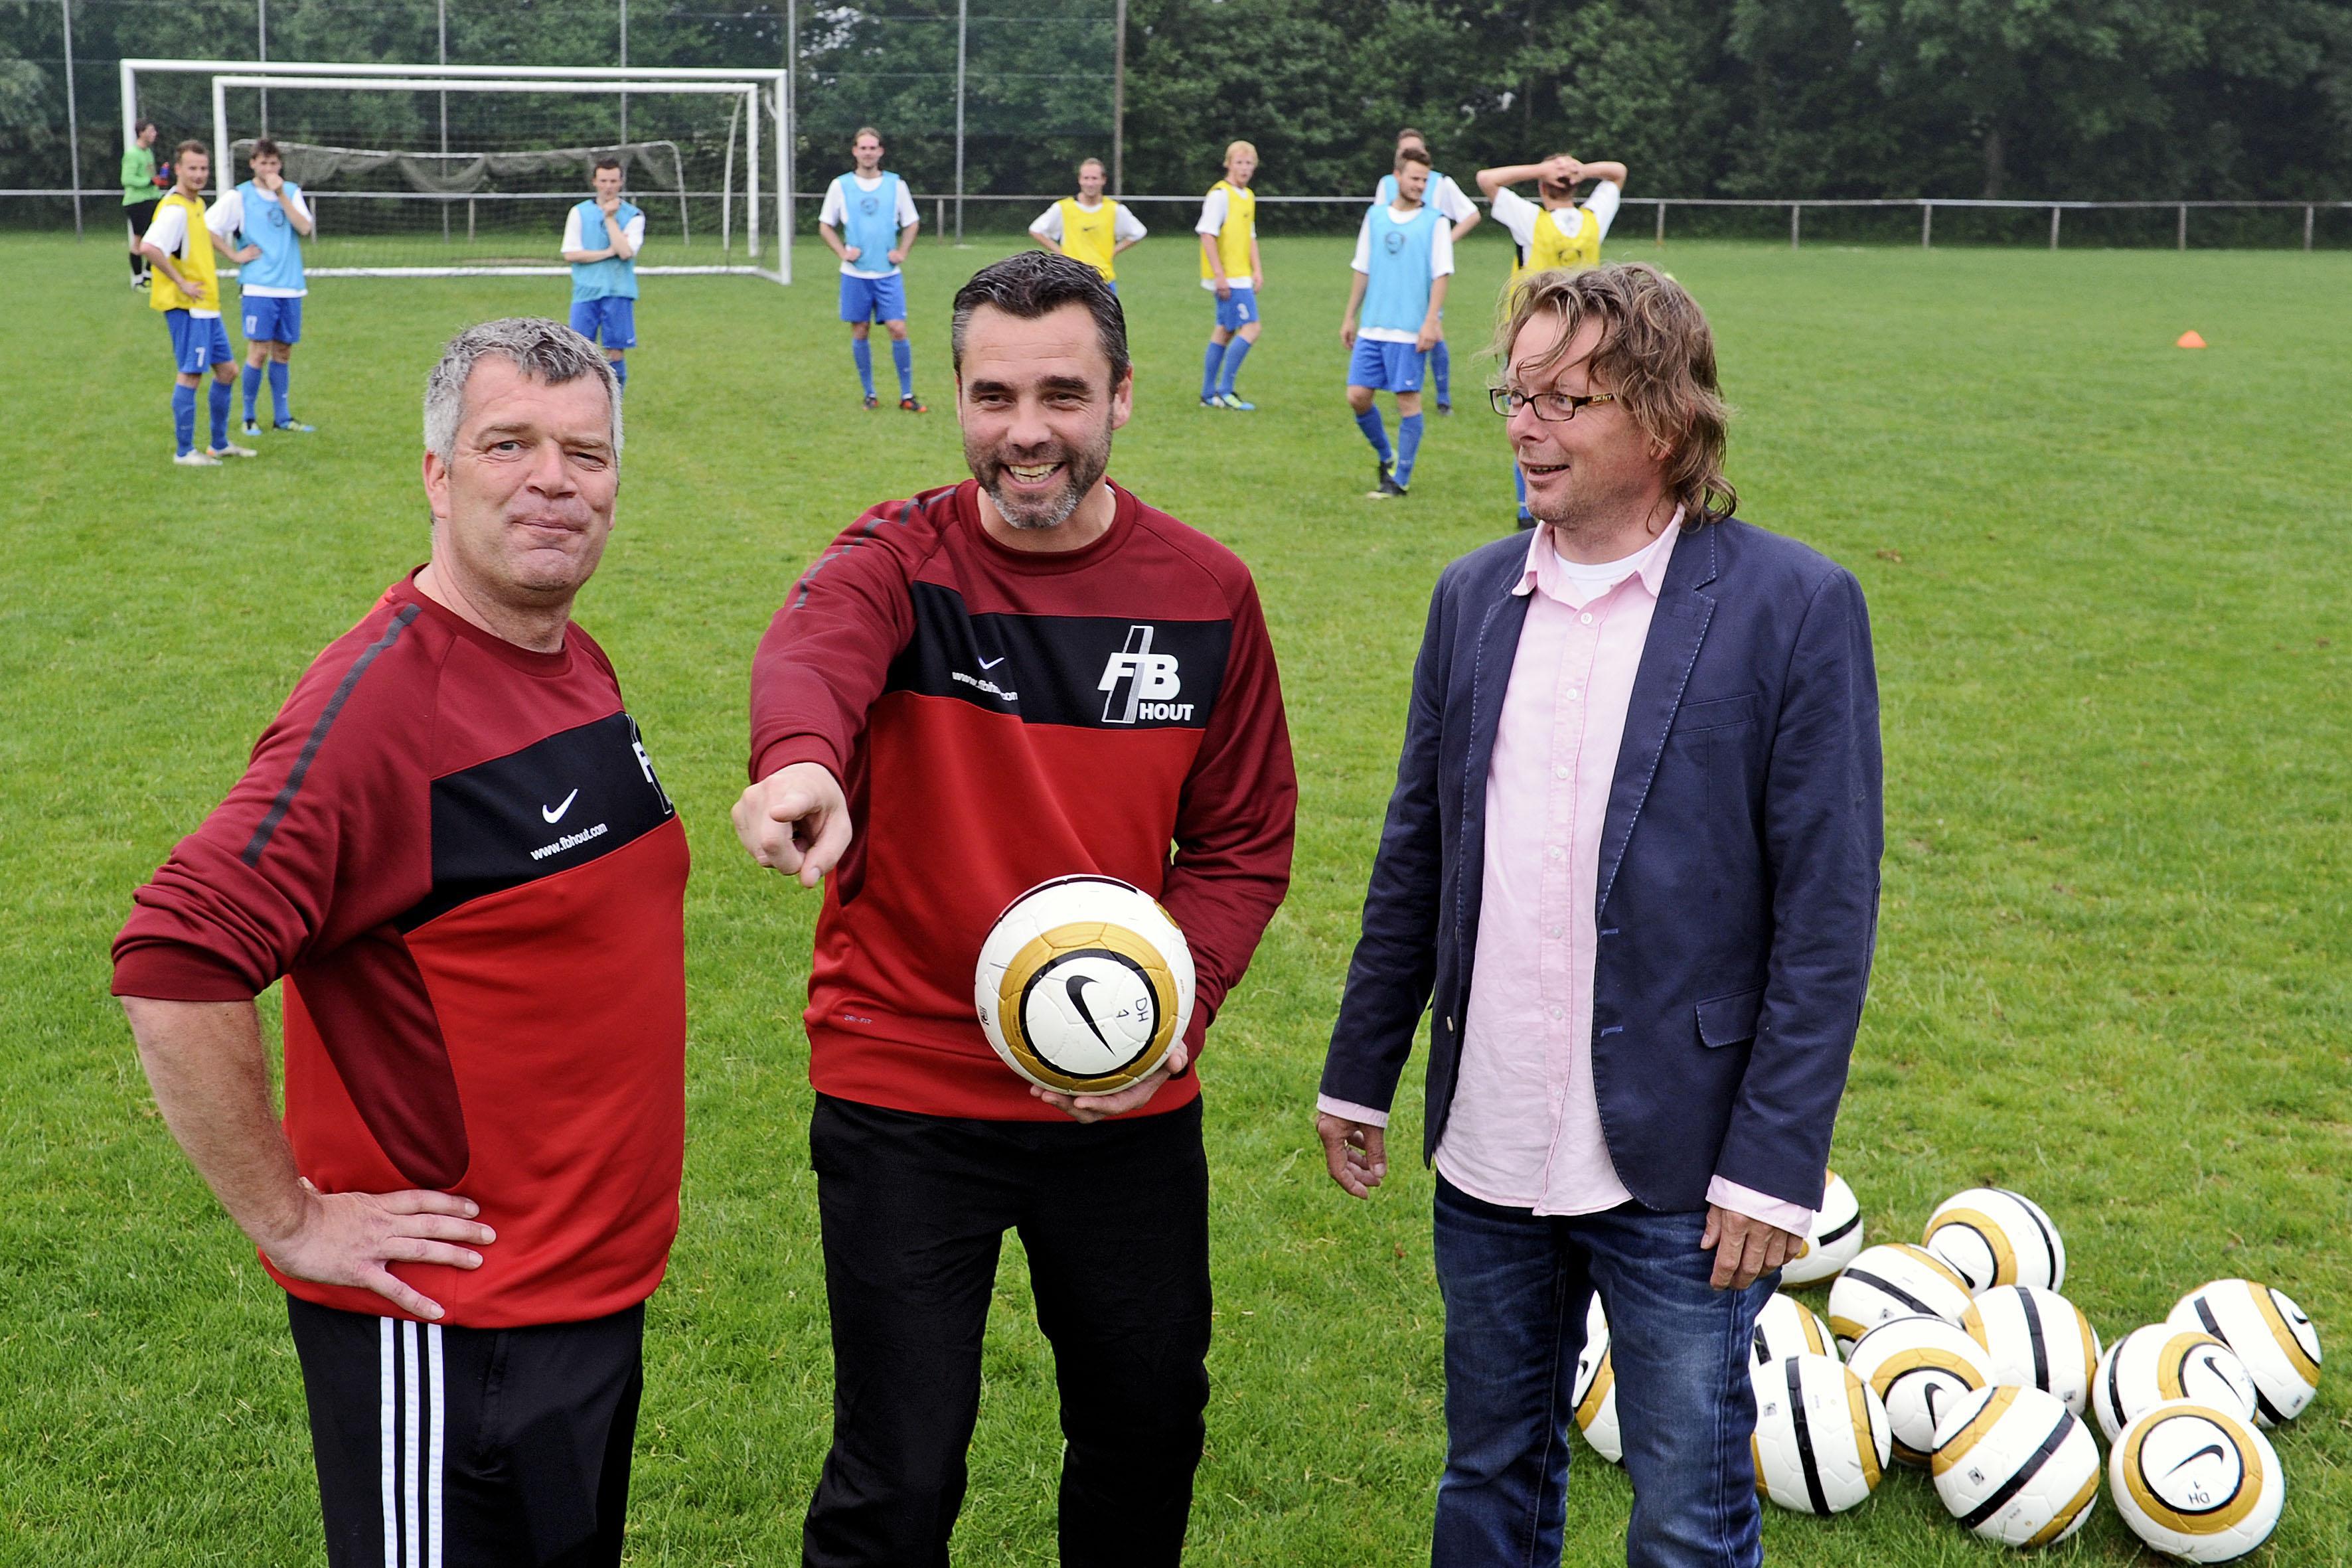 Met Bert Kiewiet gaat een van de beste voetballers heen die Schagen voortbracht, maar ook een bourgondiër die net zo lief 'pielde met de bal'